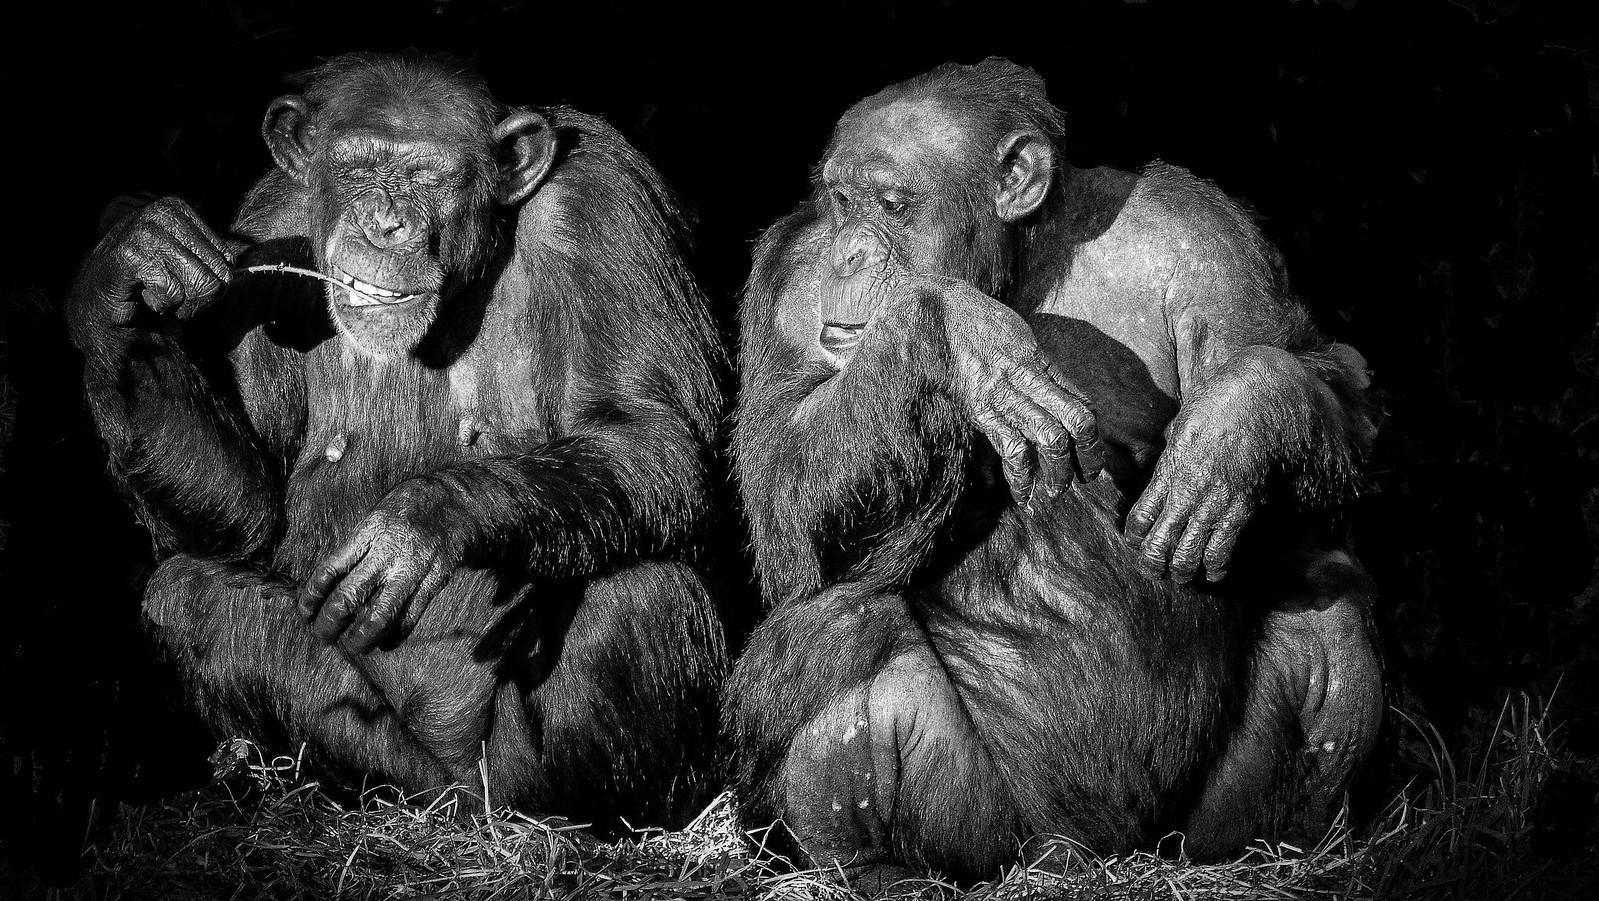 """Пик ЭНЖКС, неврологического ижелудочно-кишечного синдрома, убивающего шимпанзе вСьерра-Леоне, приходится намарт, самый засушливый месяц взаповеднике. Учёные предполагают, что источником болезнетворных бактерий может быть что-то врационе обезьян, характерное именно для этого времени. Фото— <a href=""""https://www.flickr.com/photos/specky4eyes/24456748181/"""" rel=""""noopener"""" target=""""_blank"""">Tim Dutton</a>."""